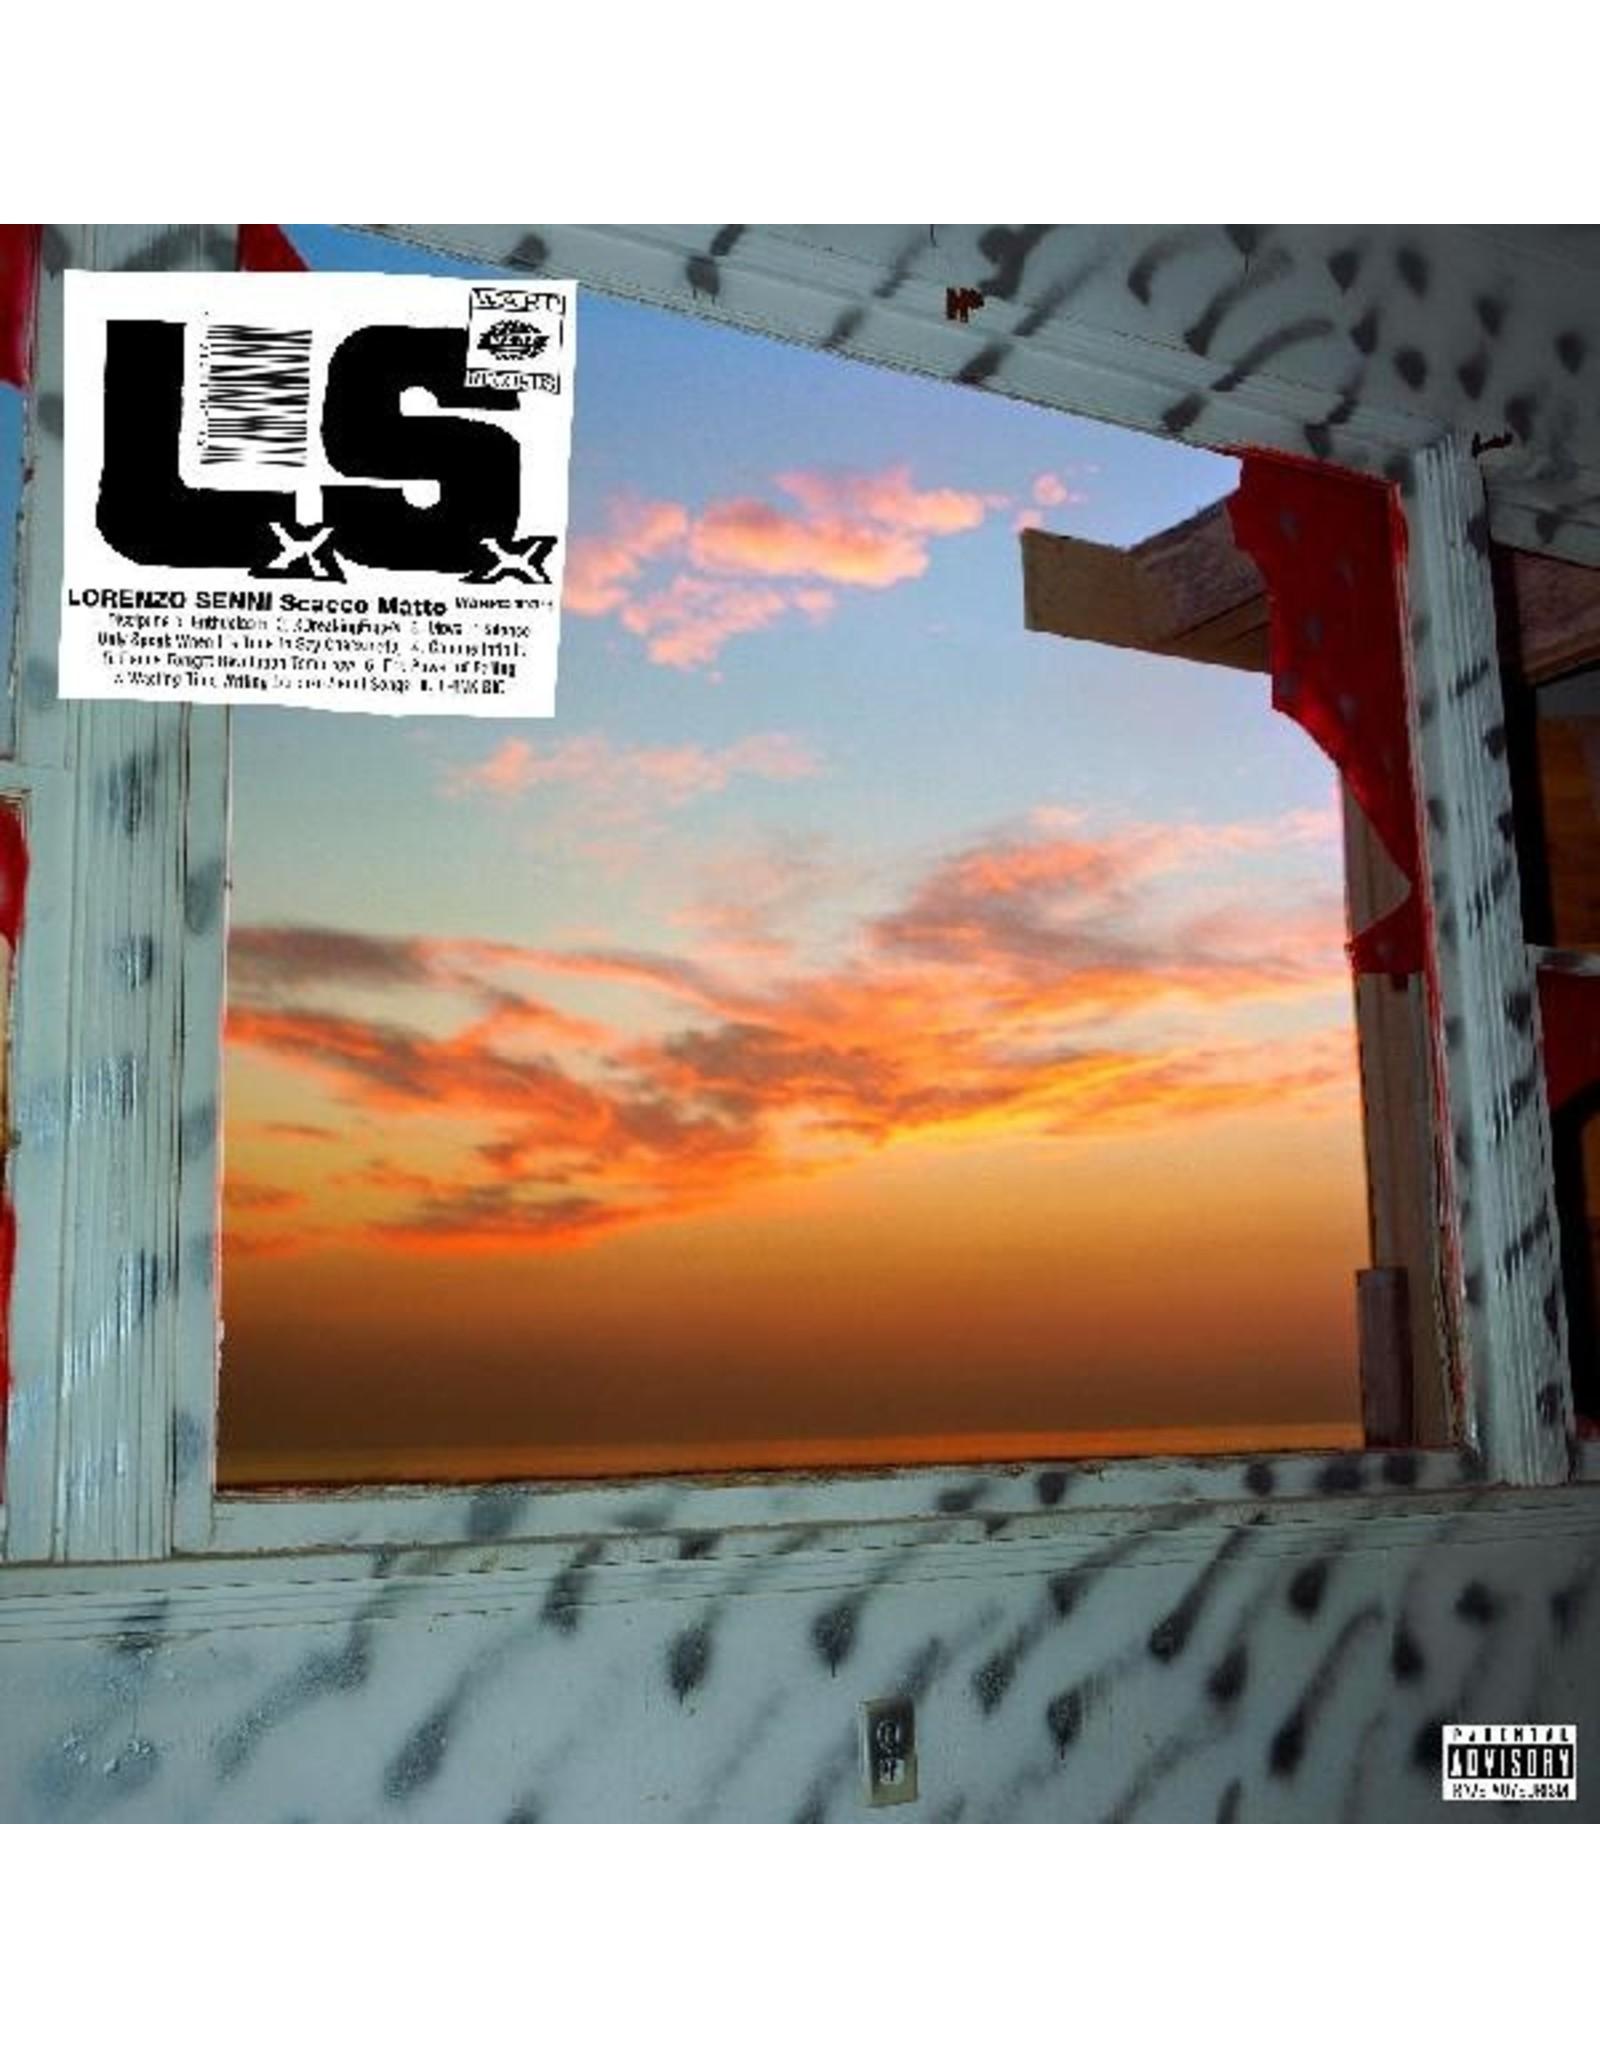 New Vinyl Lorenzo Senni - Scacco Matto LP